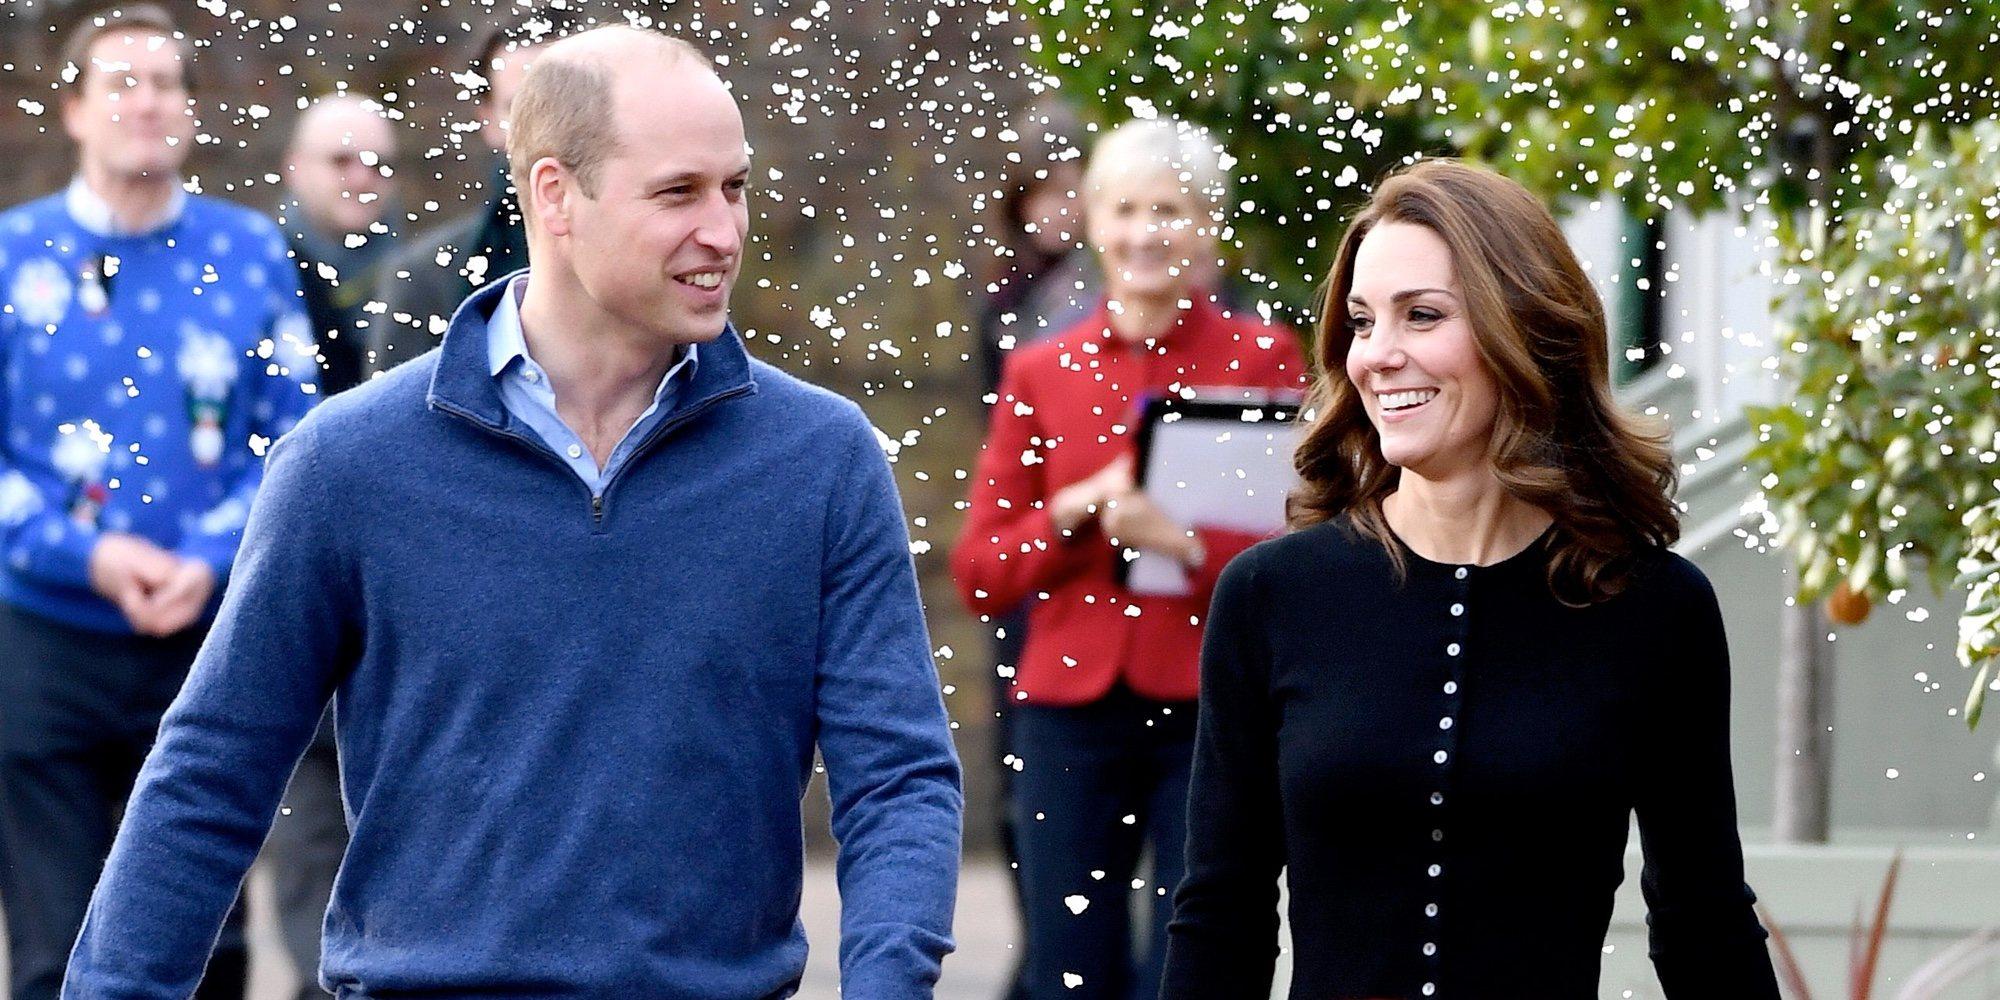 La decisión del Príncipe Guillermo y Kate Middleton para proteger su intimidad en Kensington Palace